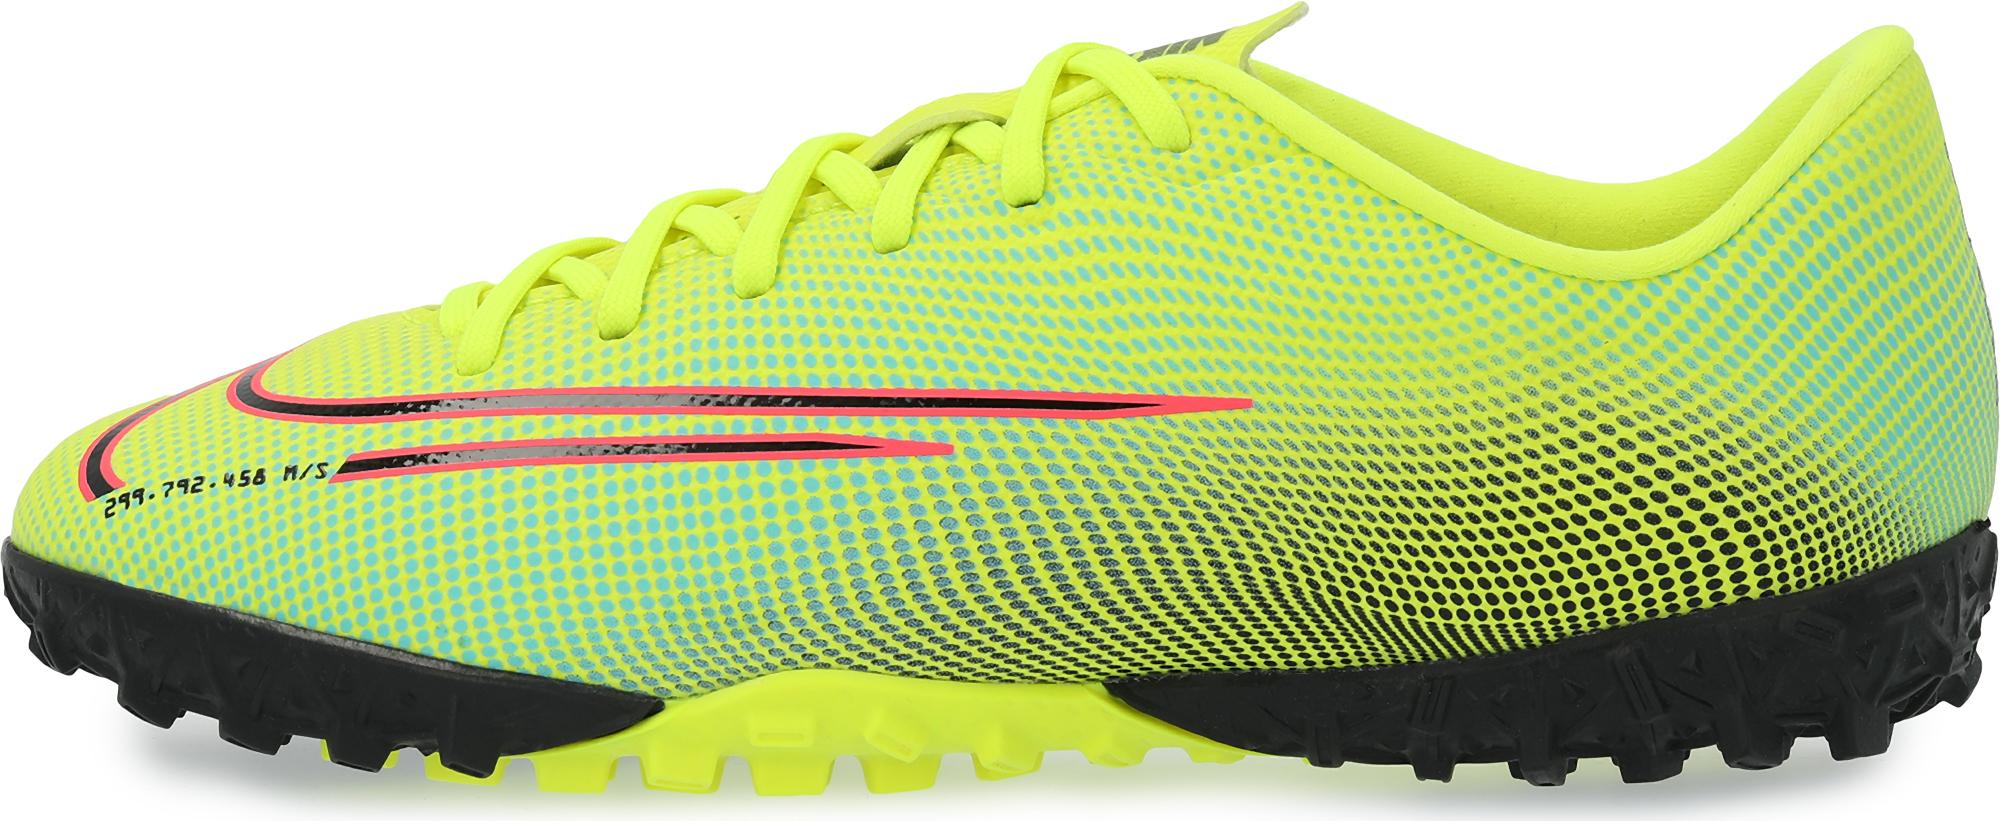 Фото - Nike Бутсы для мальчиков Nike Vapor 13 Academy MDS TF, размер 34 шиповки детские nike vapor 13 academy neymar tf at8144 104